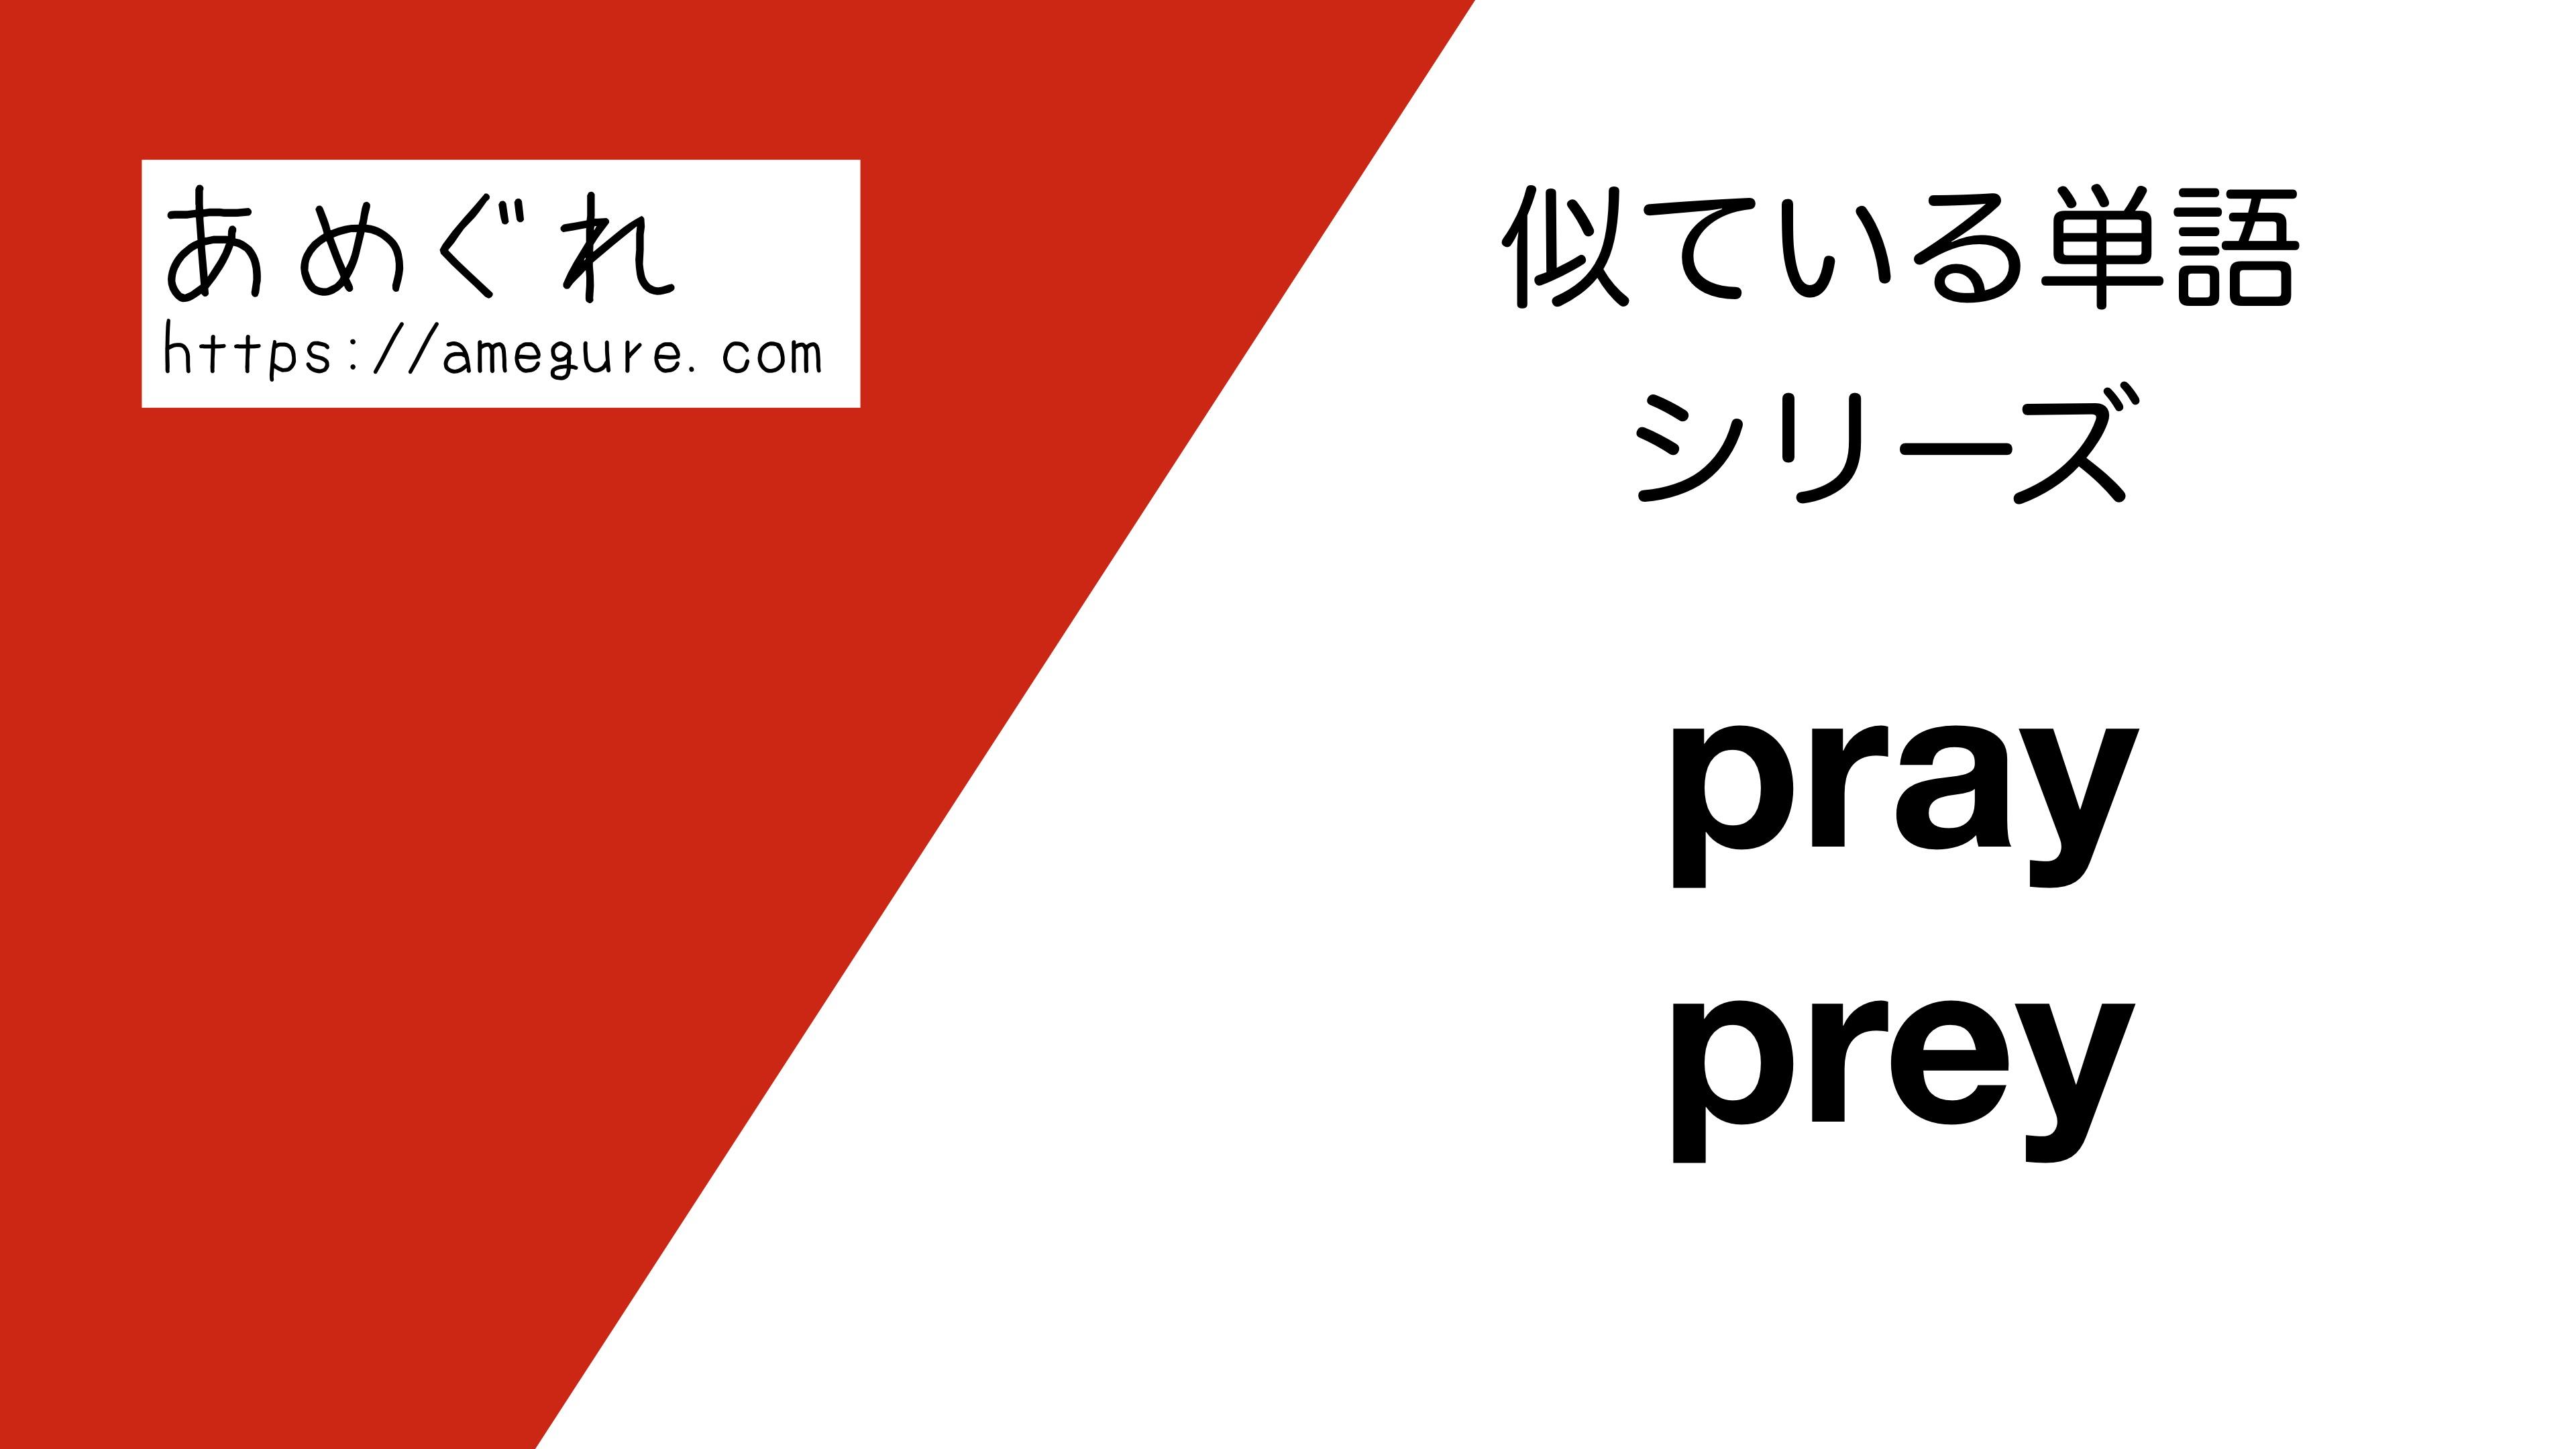 pray-prey違い